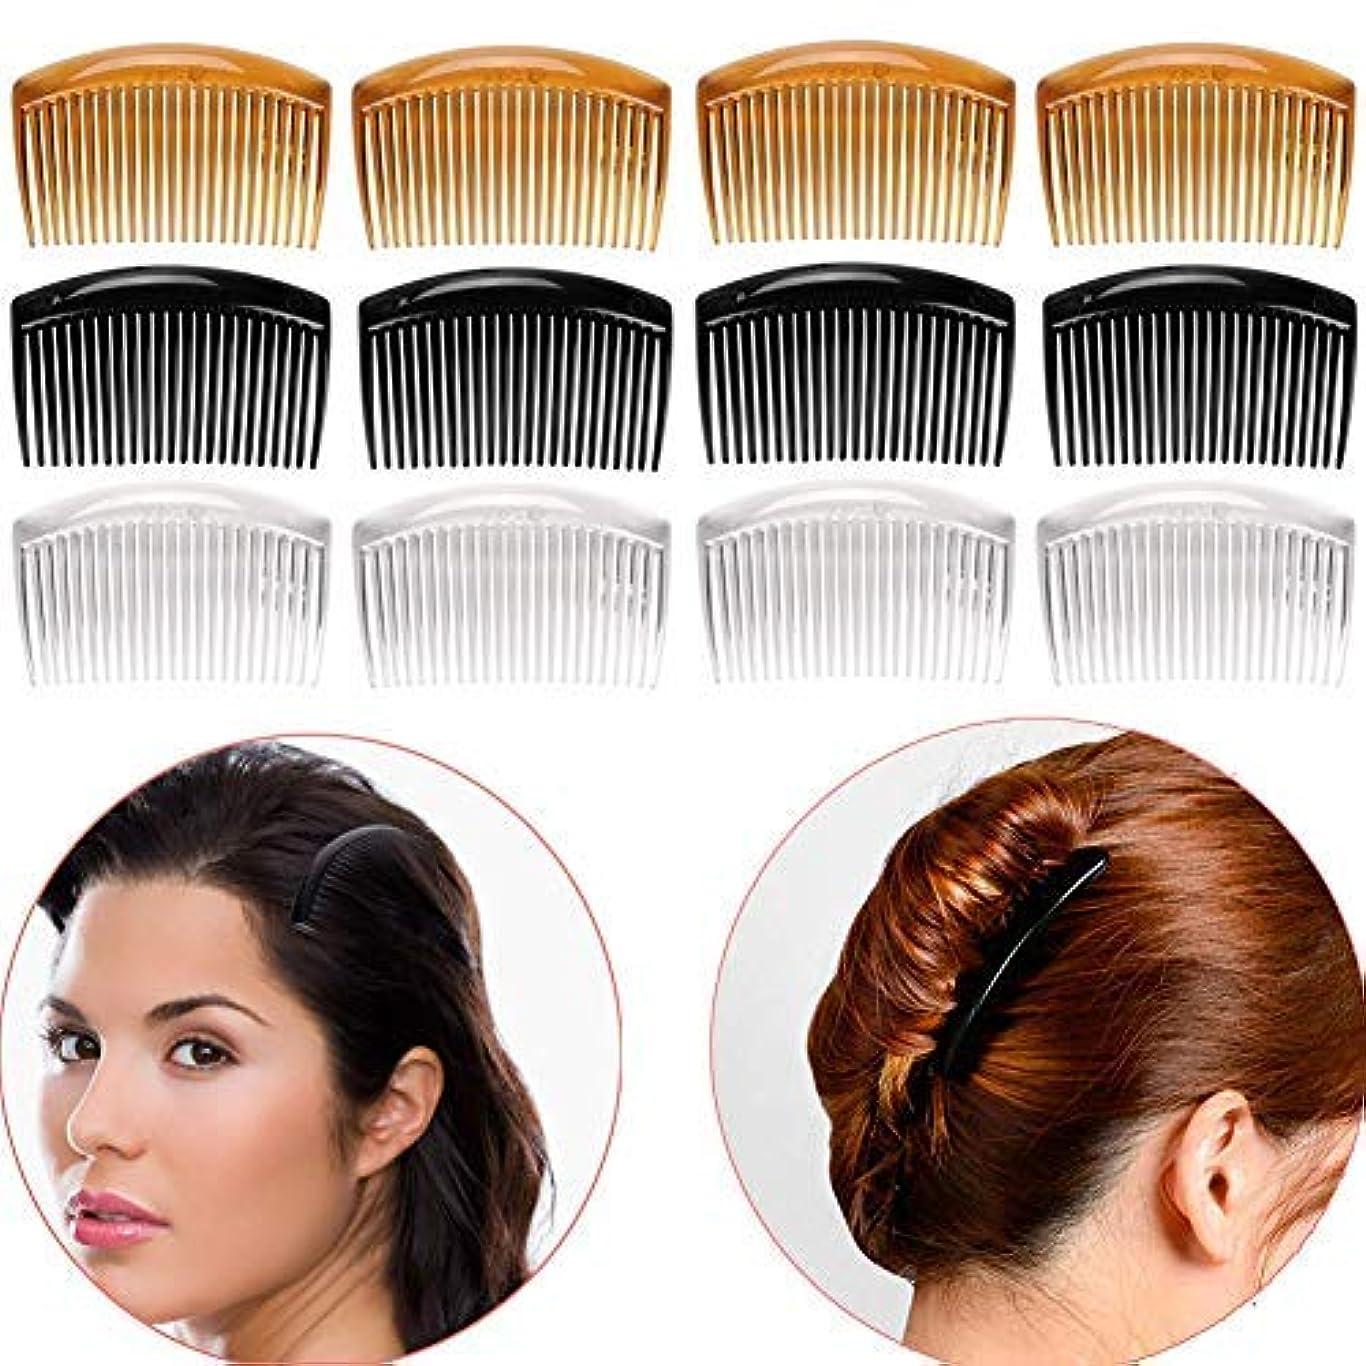 神のマーケティングエトナ山Luckycivia 12Pcs French Twist Comb, Plastic Side Hair Combs with 23 Teeth, Strong Hold No Slip Grip and Durable Styling Girls Hair Ornaments, Hair Accessory for Women [並行輸入品]